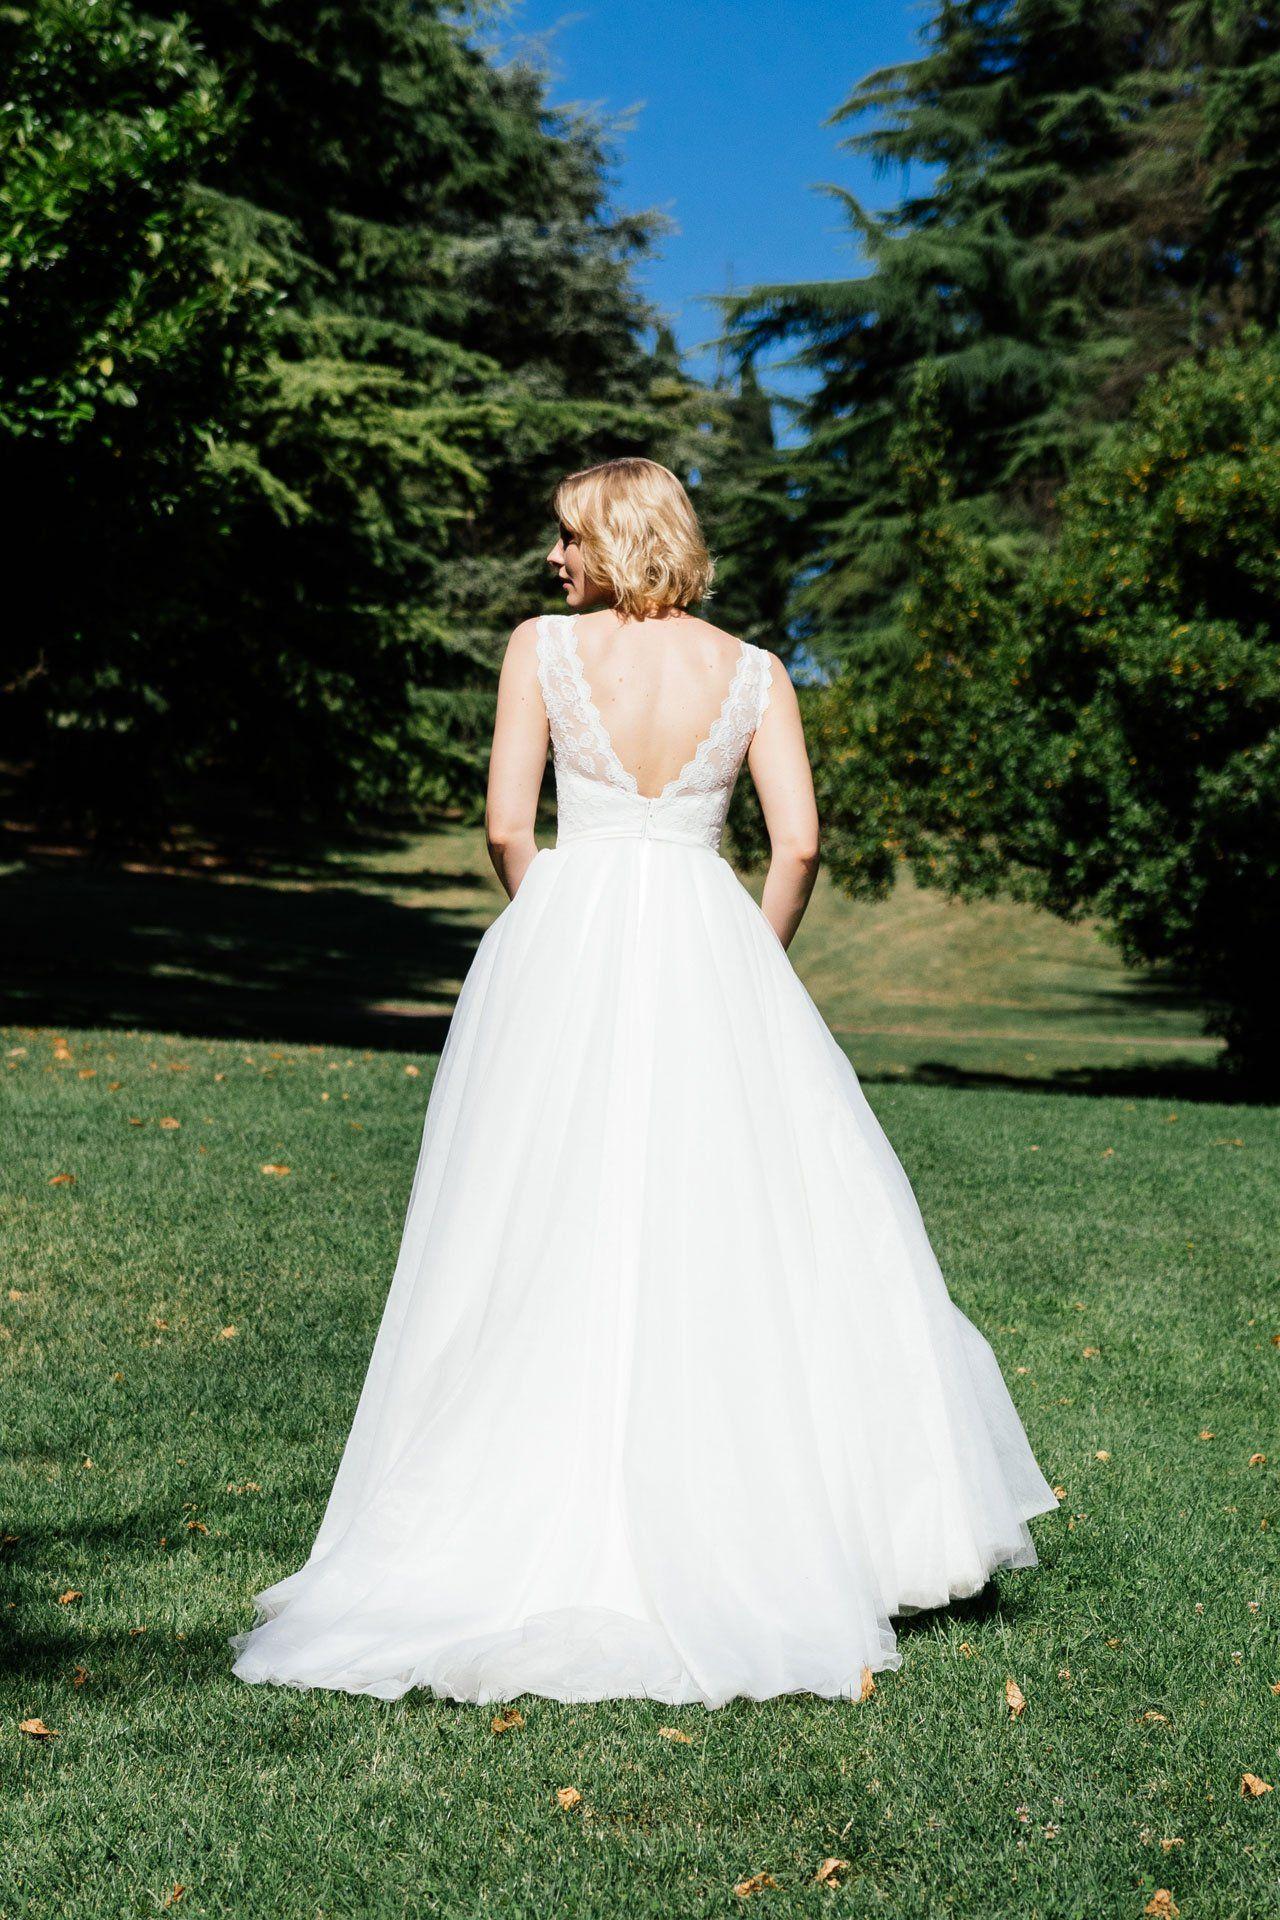 Duchesse Brautkleid mit weitem Tüllrock und Spitzencorage (mit